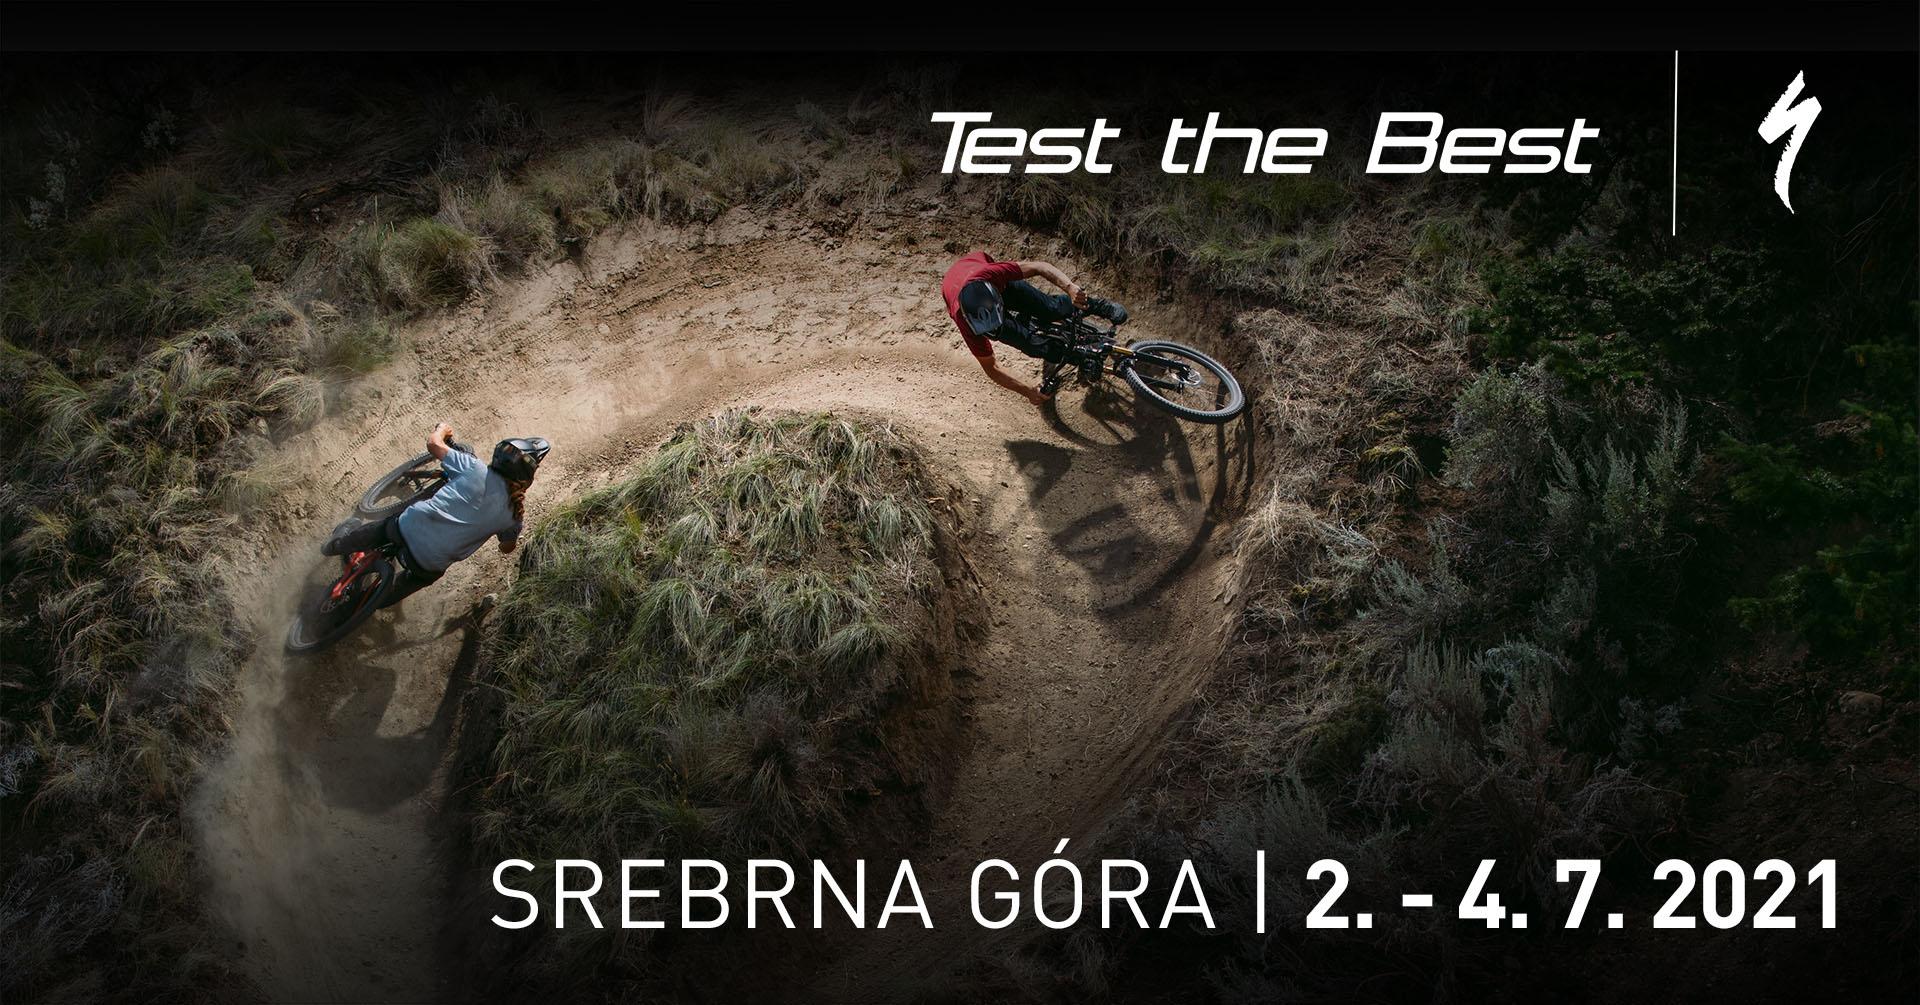 Specialized Test the Best już w ten weekend w Srebrnej Górze!